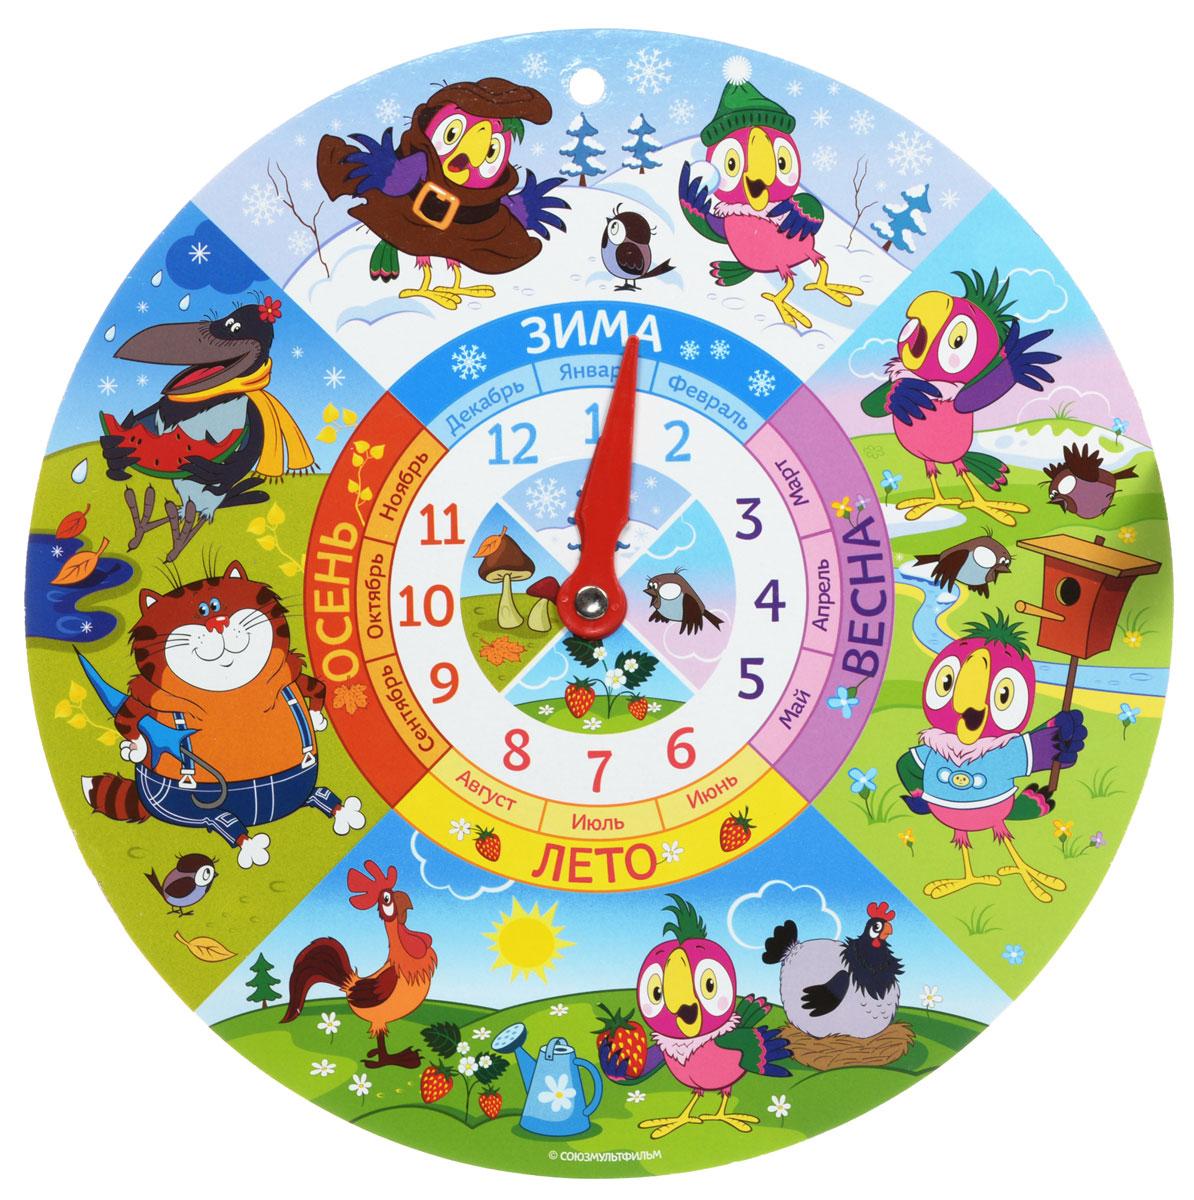 Русский стиль Обучающая игра Часы Попугай Кеша03095Обучающая игра Русский стиль Часы Попугай Кеша научат ребенка самостоятельно различать времена года, и определять, который сейчас час. Игра выполнена в виде круглых картонных часов с двусторонней печатью и пластиковыми стрелками. С одной стороны часов изображены времена года, разделенные секторами. В каждом секторе нарисованы герои мультфильма про попугая Кешу, весело проводящие время в зависимости от времени года. В центре круга находится пластиковый указатель-стрелка, который легко вращается. С другой стороны изображены классические часы с двумя пластиковыми стрелками. Внешний циферблат выполнен в 12-часовом формате времени. Внутренний - в 24-часовом формате времени. По периферии циферблата нарисованы Кеша и ворона. В верхней части часов имеется отверстие, с помощью которого часы можно повесить на веревочку. Обучающая игра Русский стиль Часы Попугай Кеша станет отличным подспорьем в освоении малышом деления на времена года и время суток.